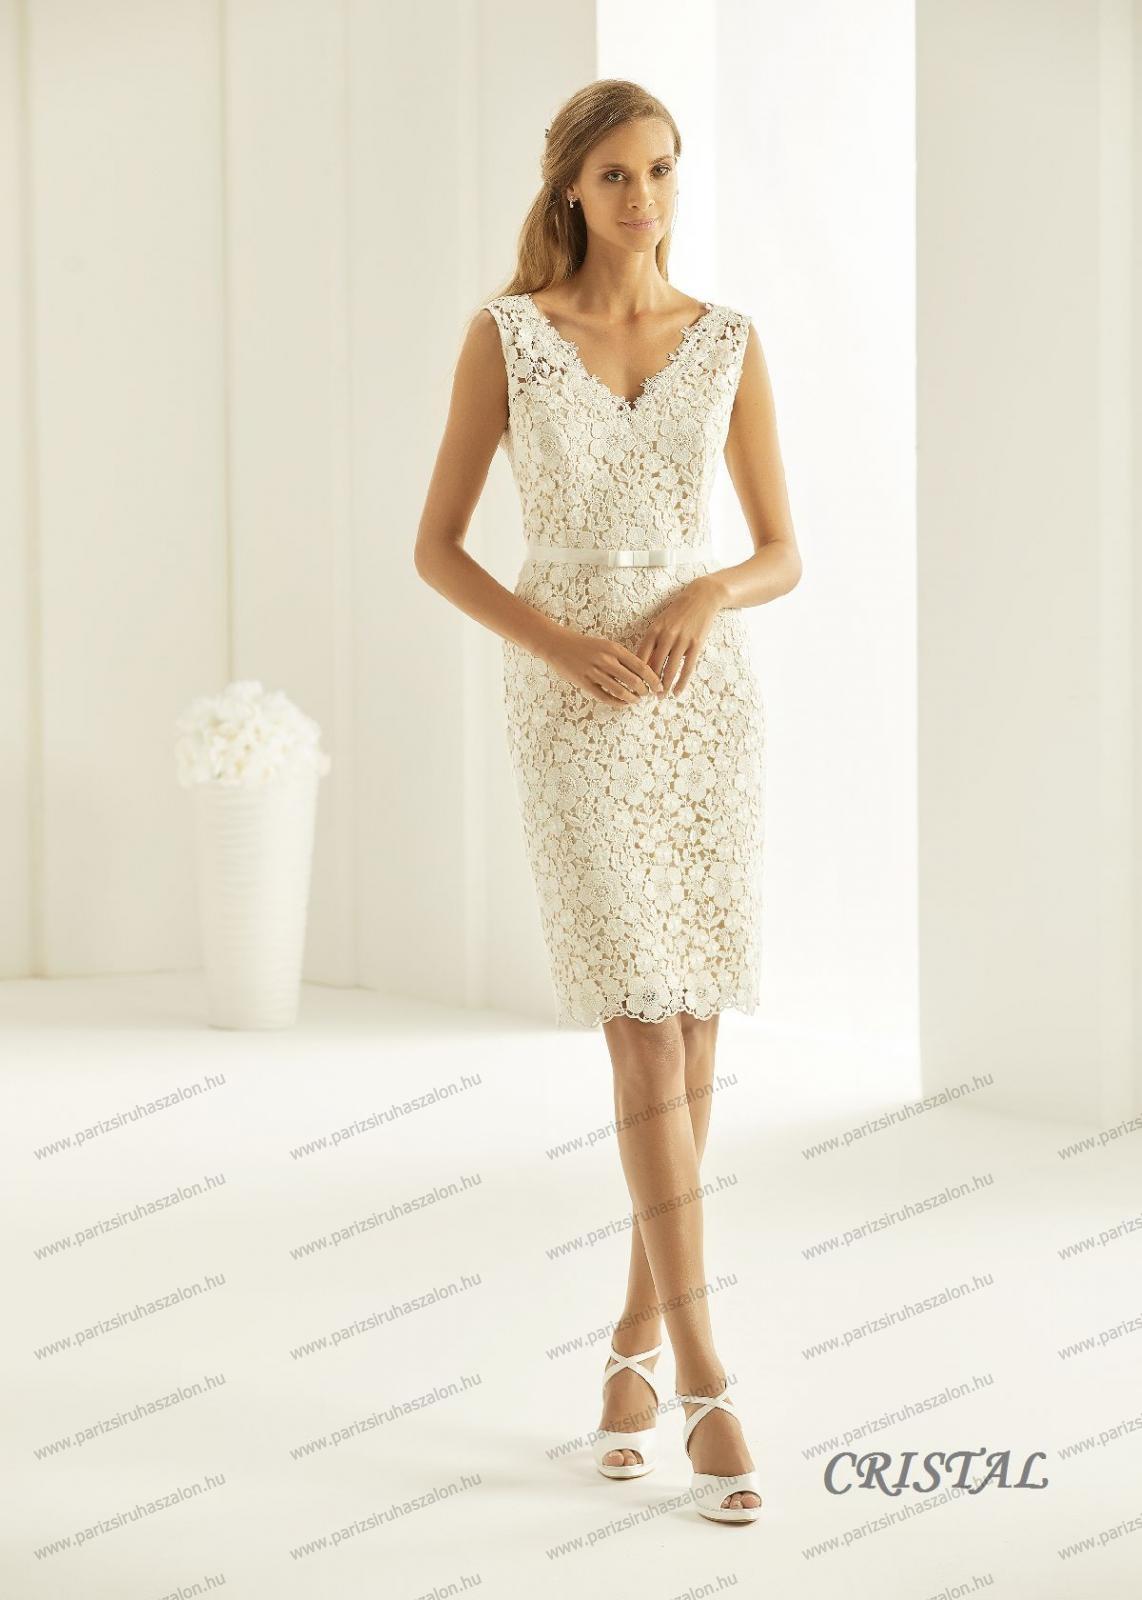 35877955c CRISTAL menyasszonyi ruha | Olasz esküvői és alkalmi ruhaszalon